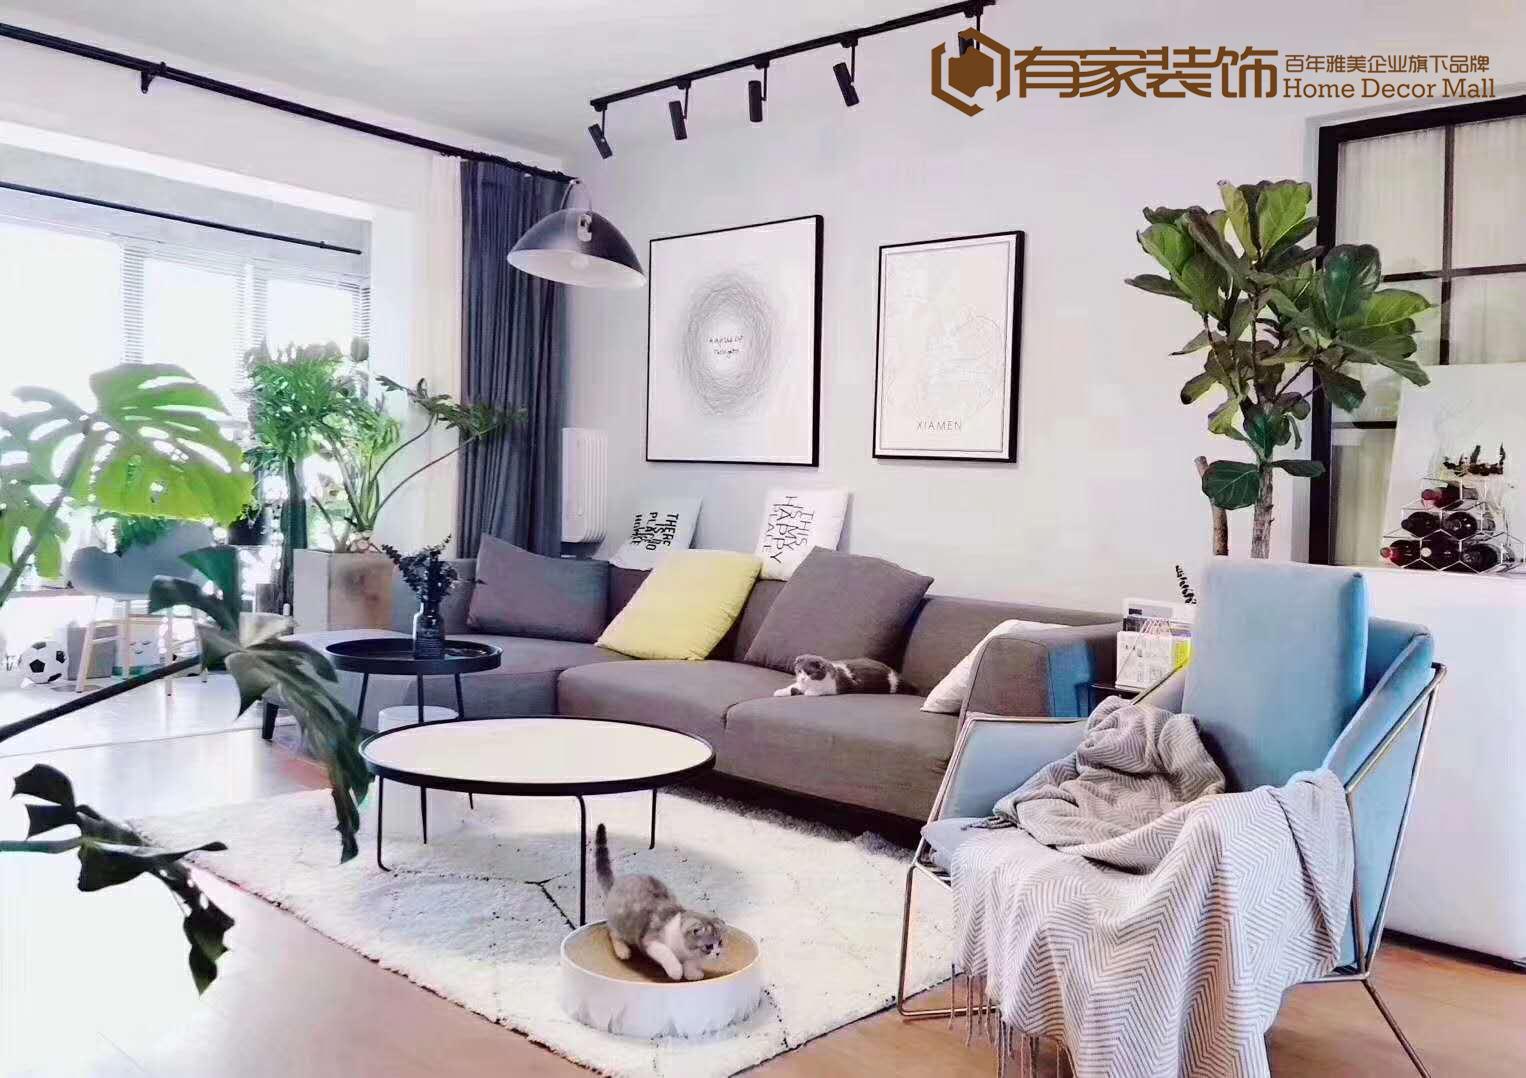 海晟维多利亚 现代简约【有家装饰 】